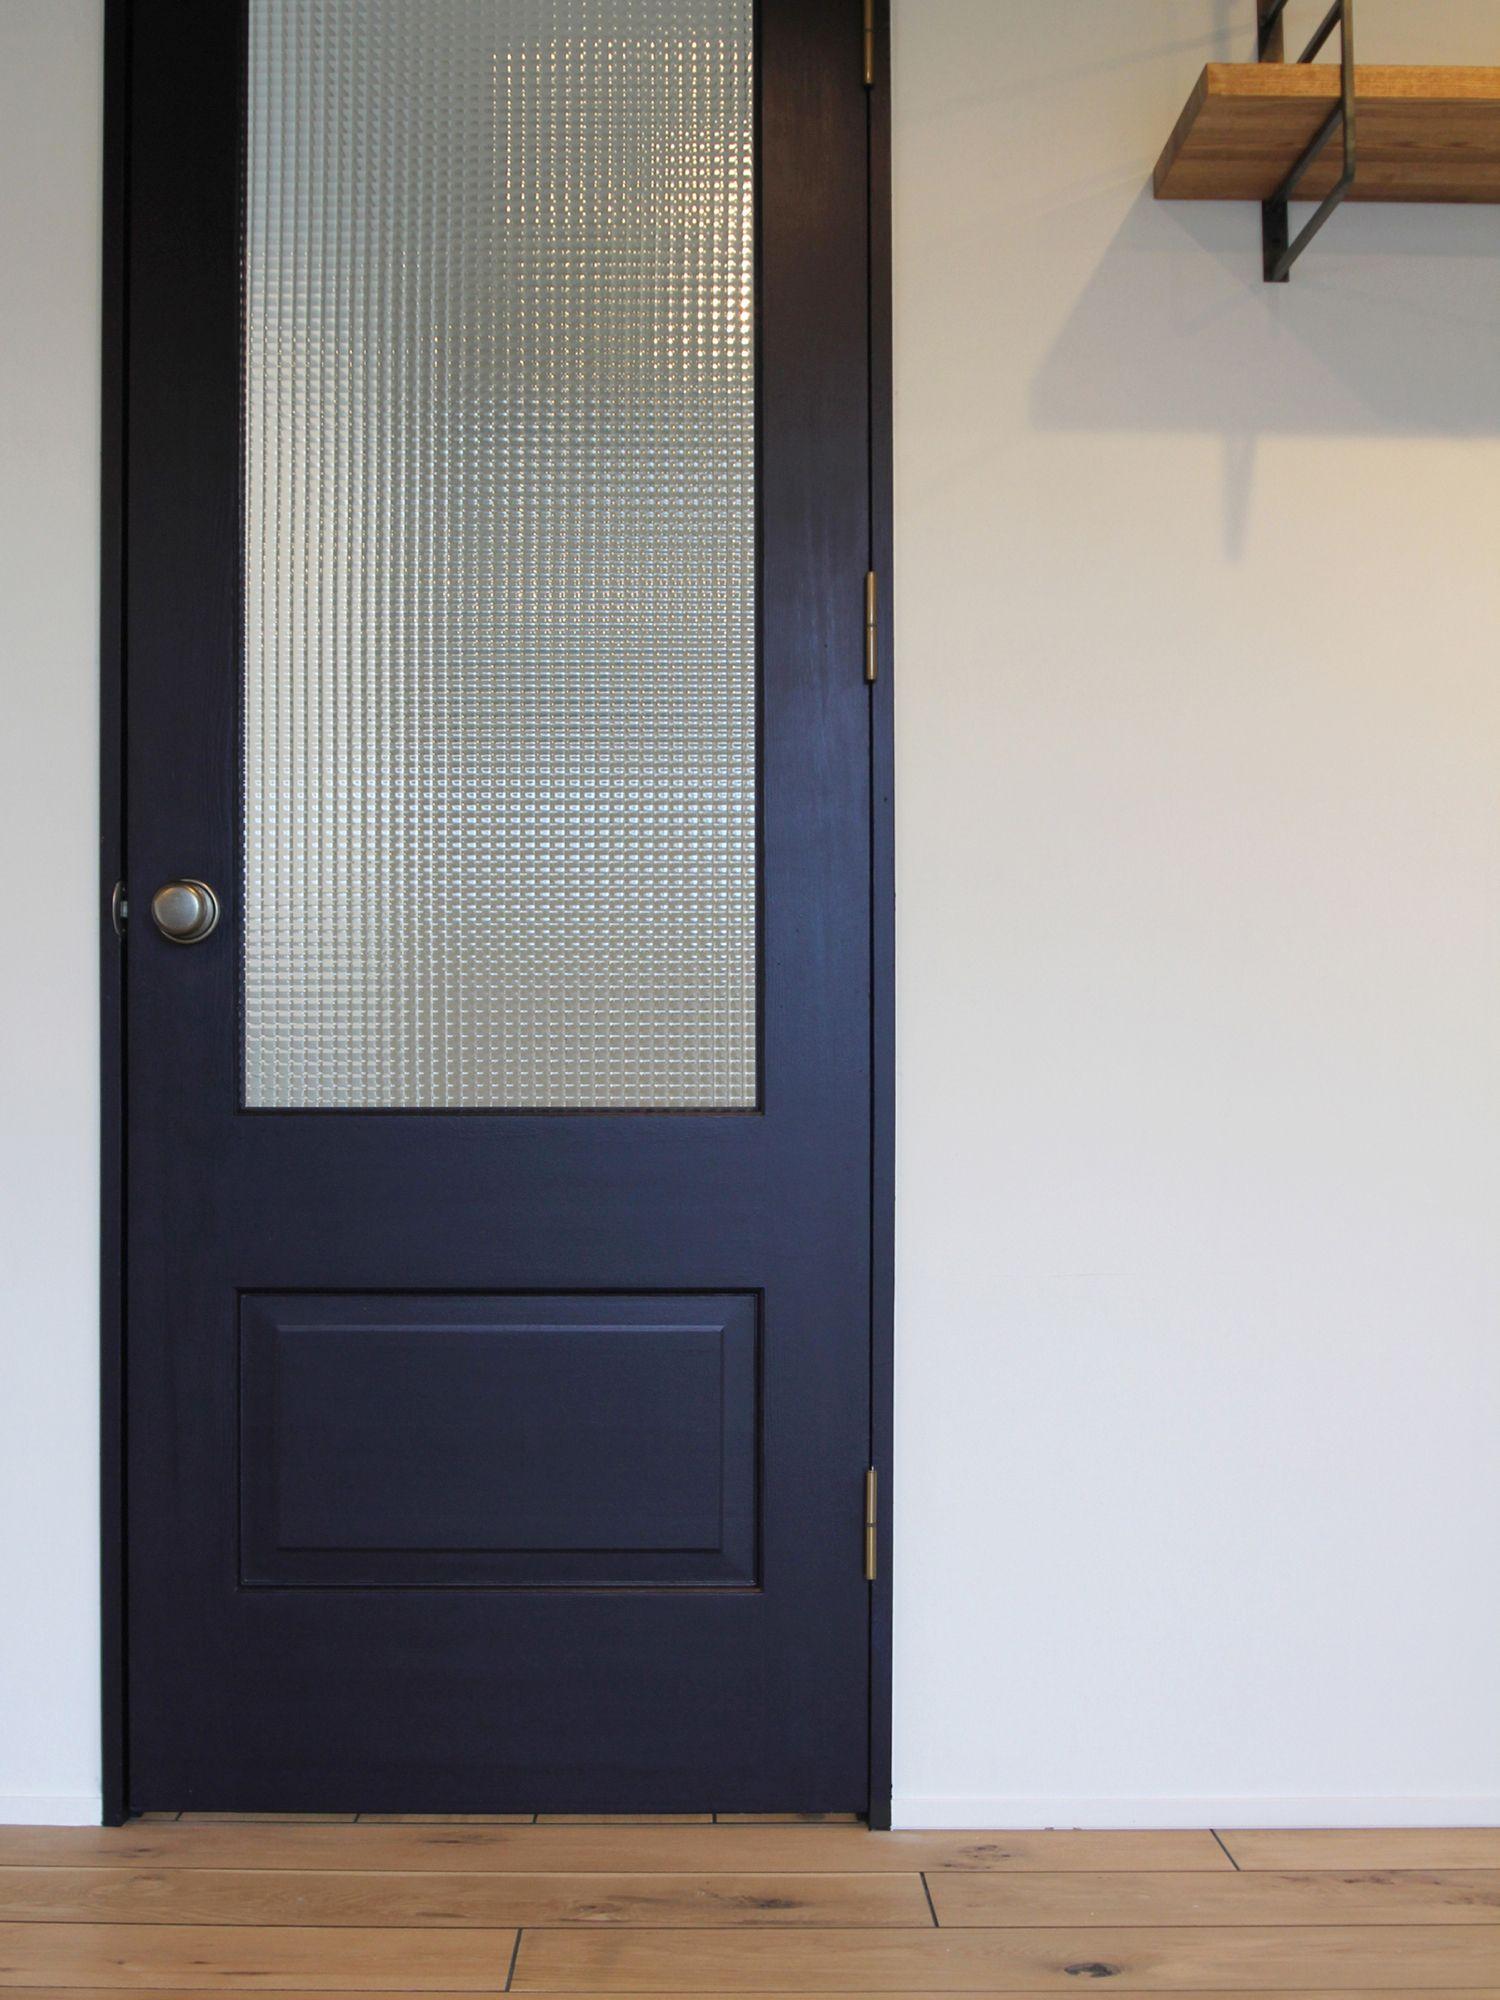 Door ドア 扉 取っ手 ドアノブ リノベーション フィールドガレージ Fieldgarage Inc リビングドア 玄関ドア おしゃれ 室内ドア